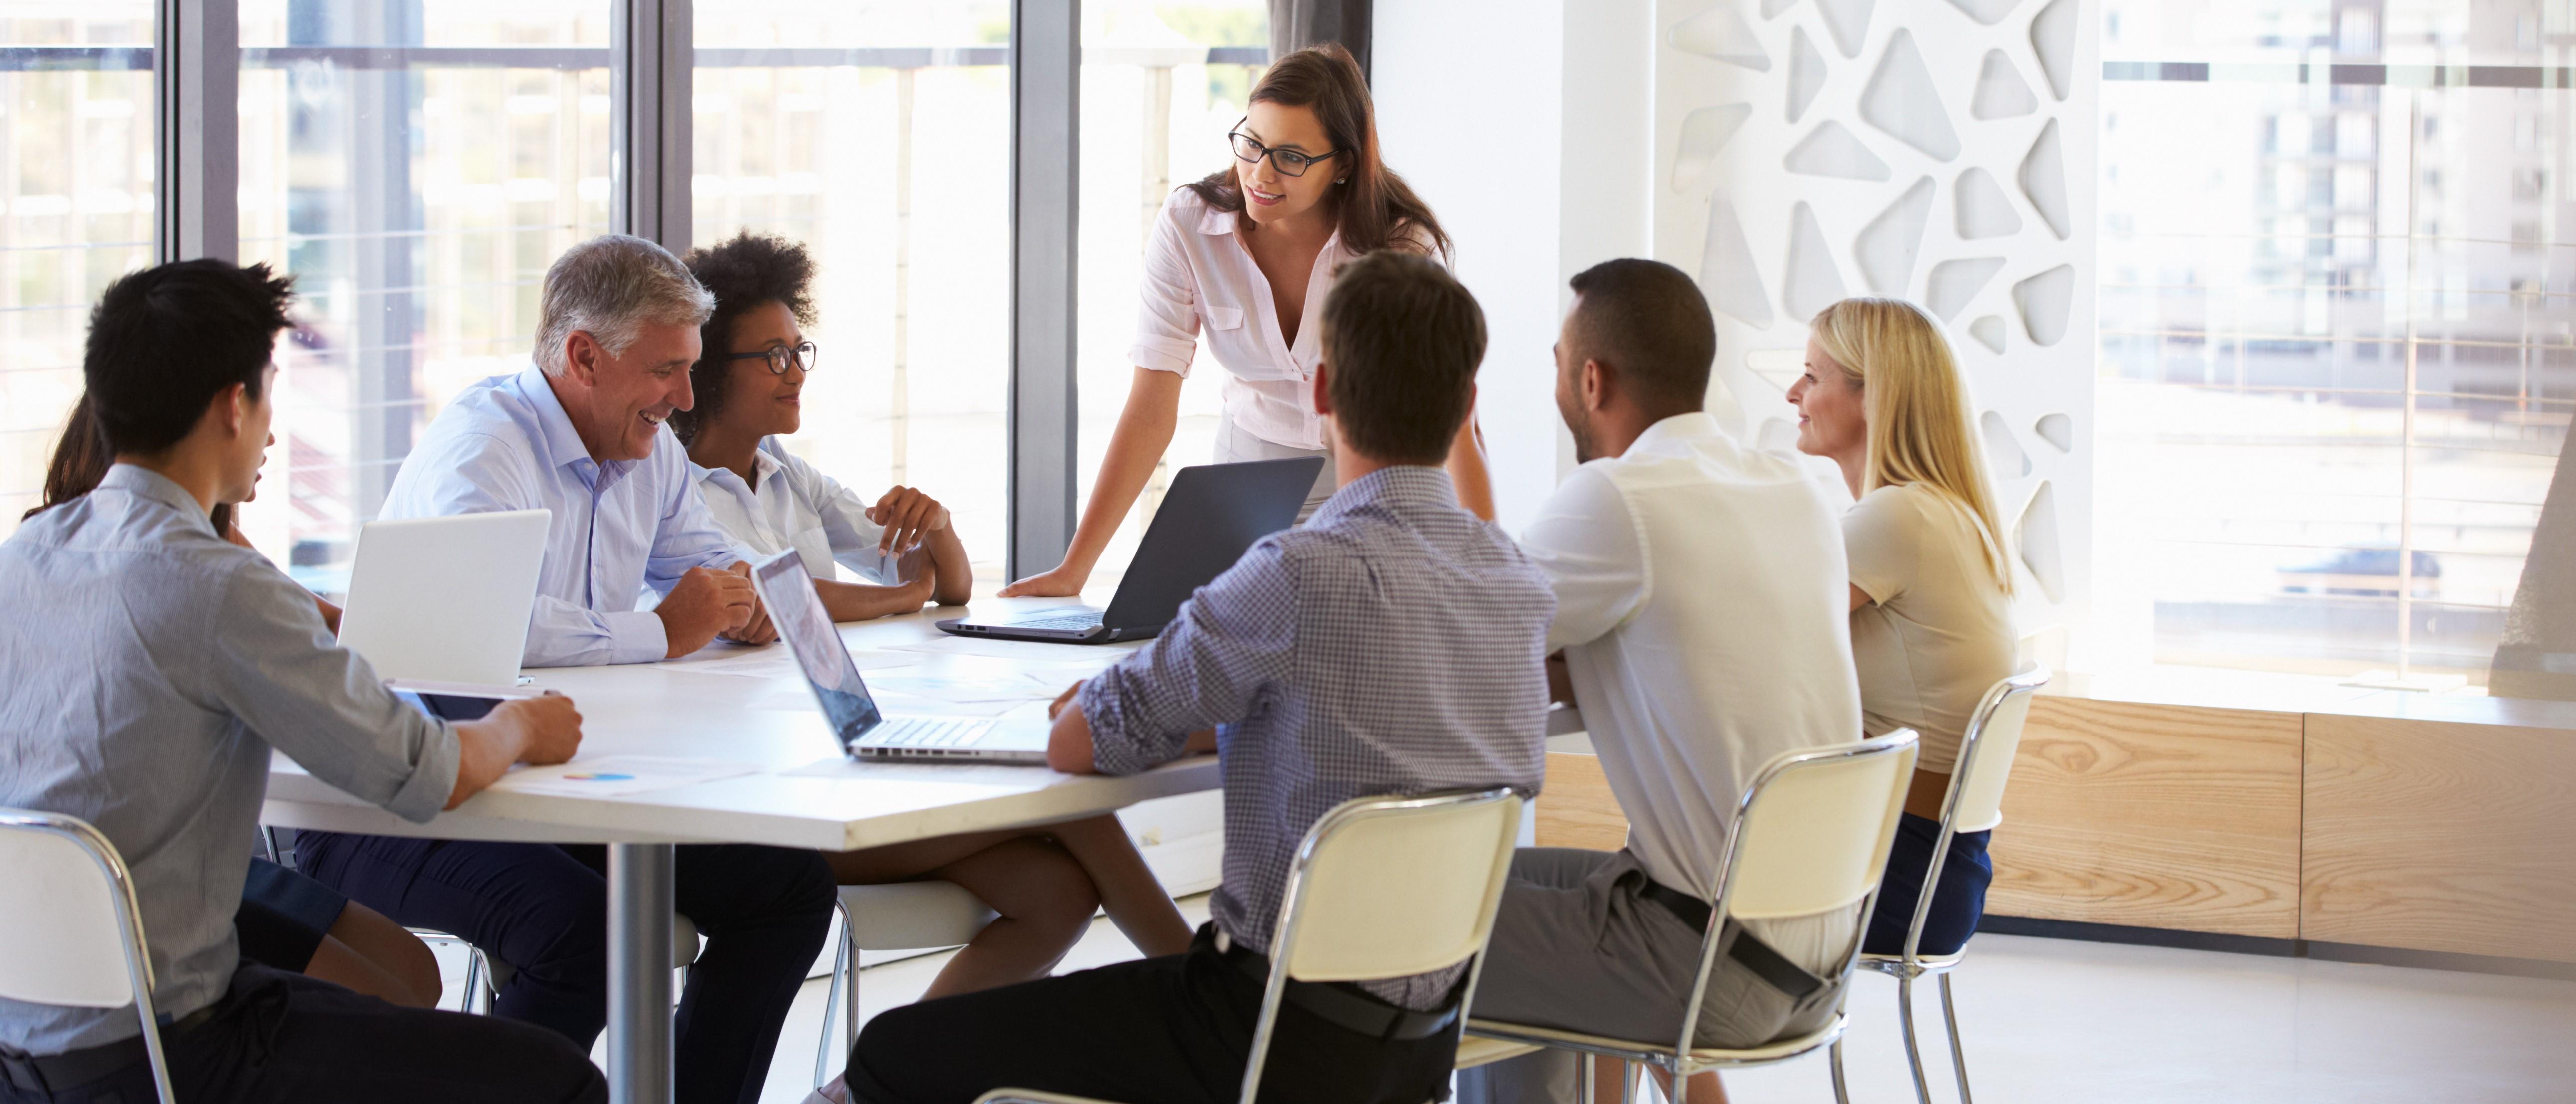 Нужны ли разные подходы к обучению сотрудников контактных центров?